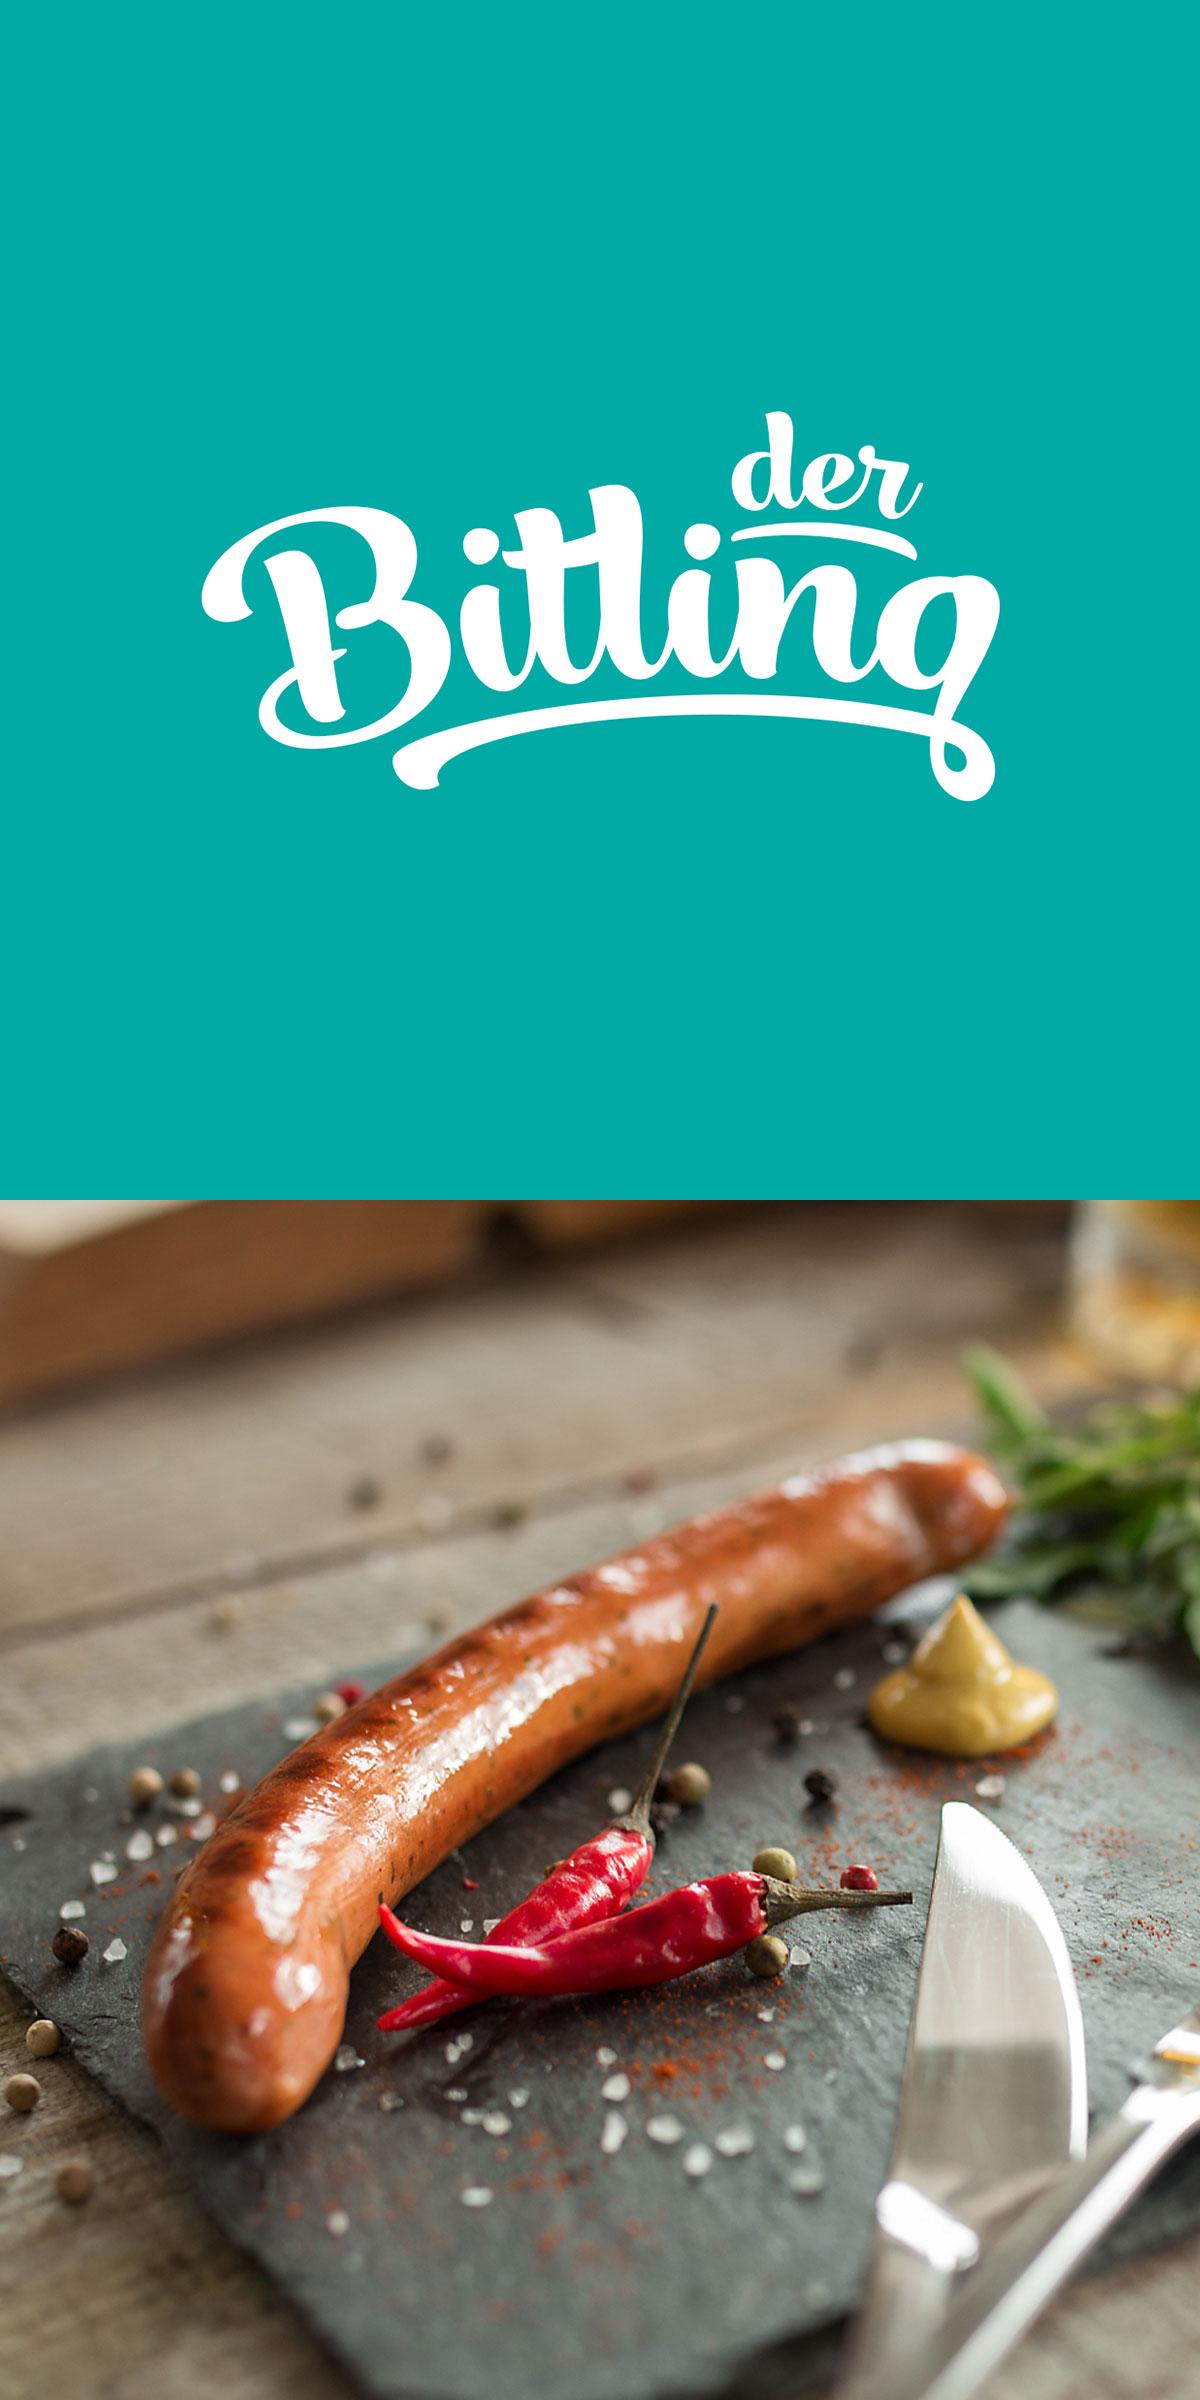 Der Bitling - Die Wurst mit Bitburger Bier Geschmack